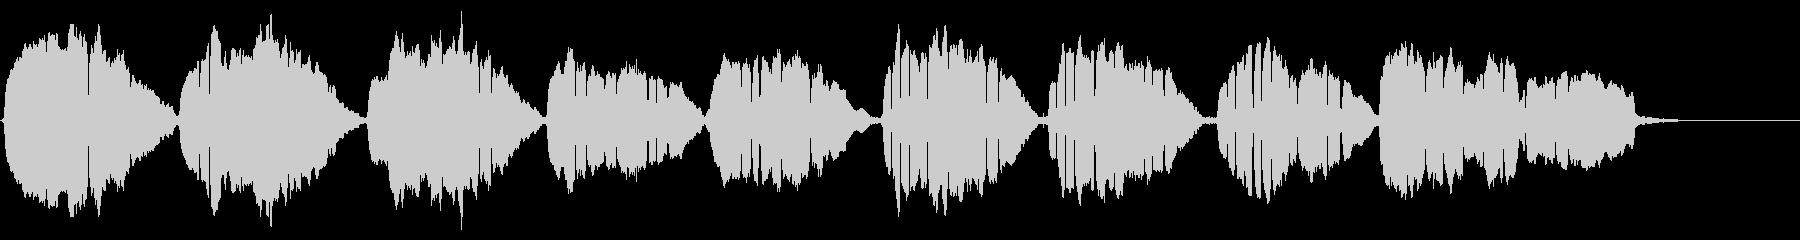 怖い「通りゃんせ」のアコーディオンソロの未再生の波形